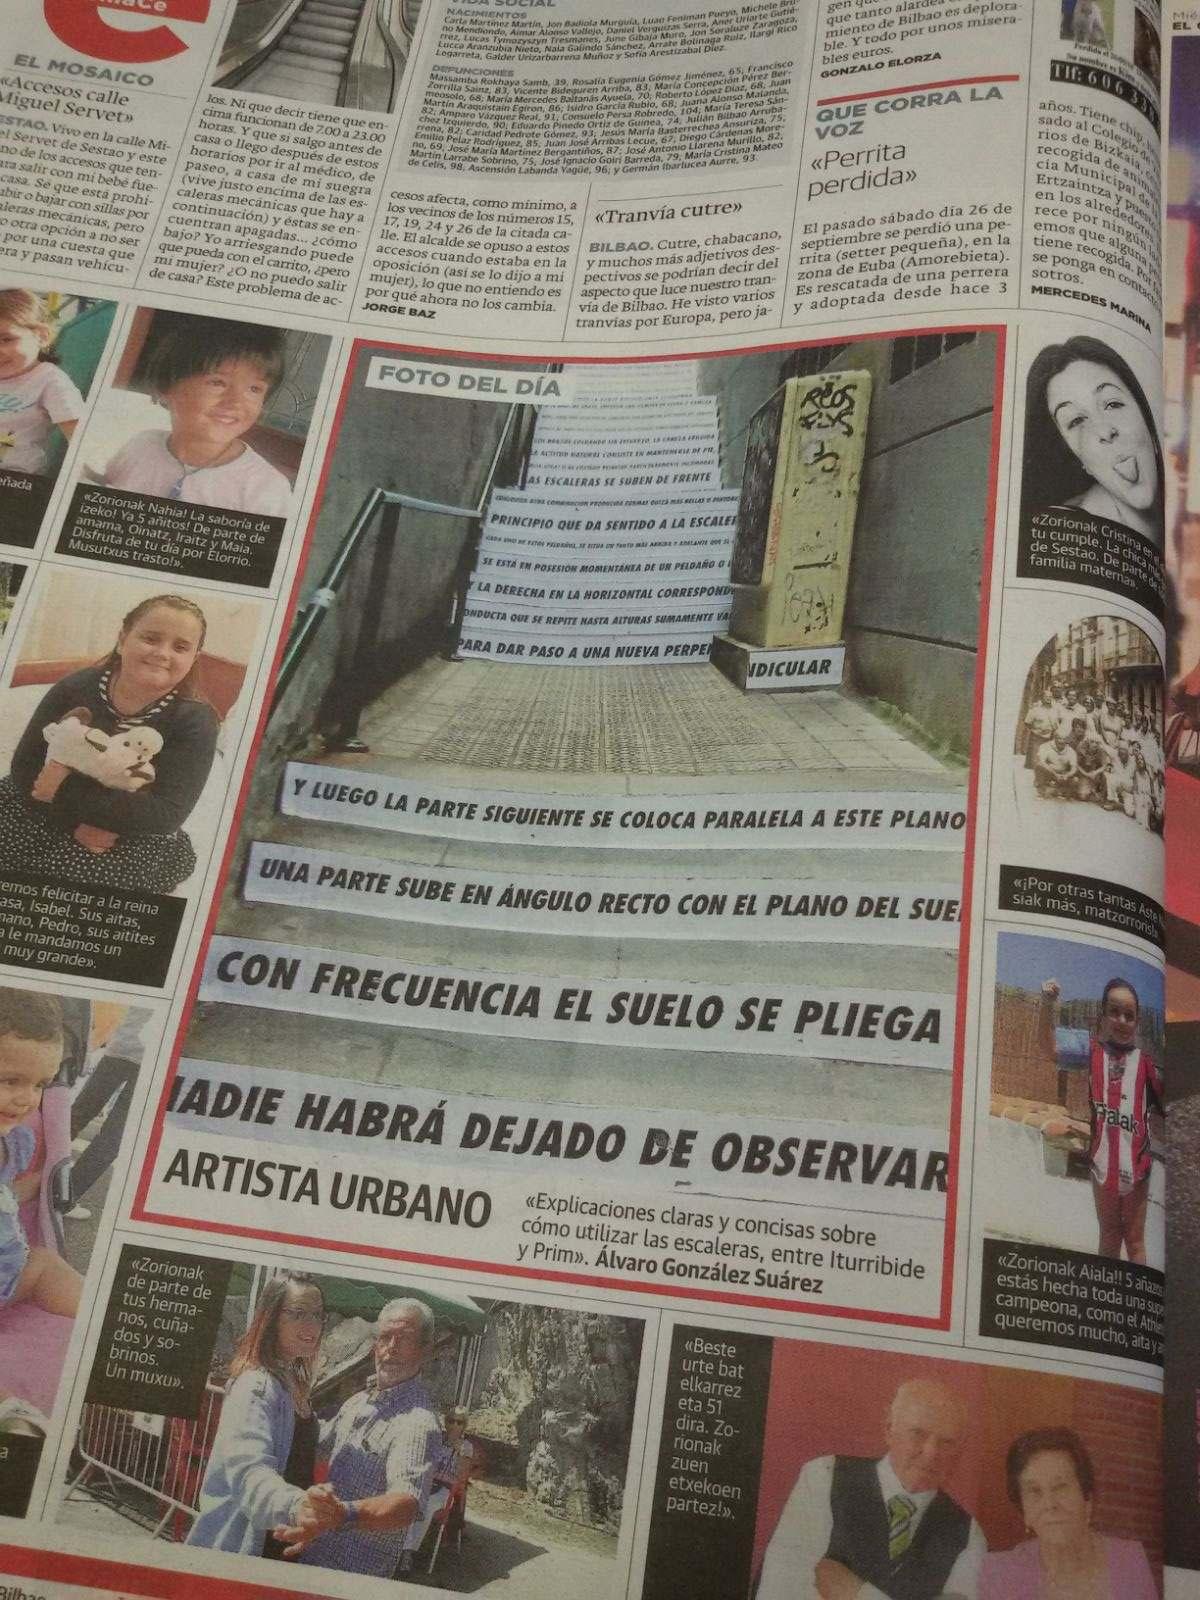 Foto del día El Correo